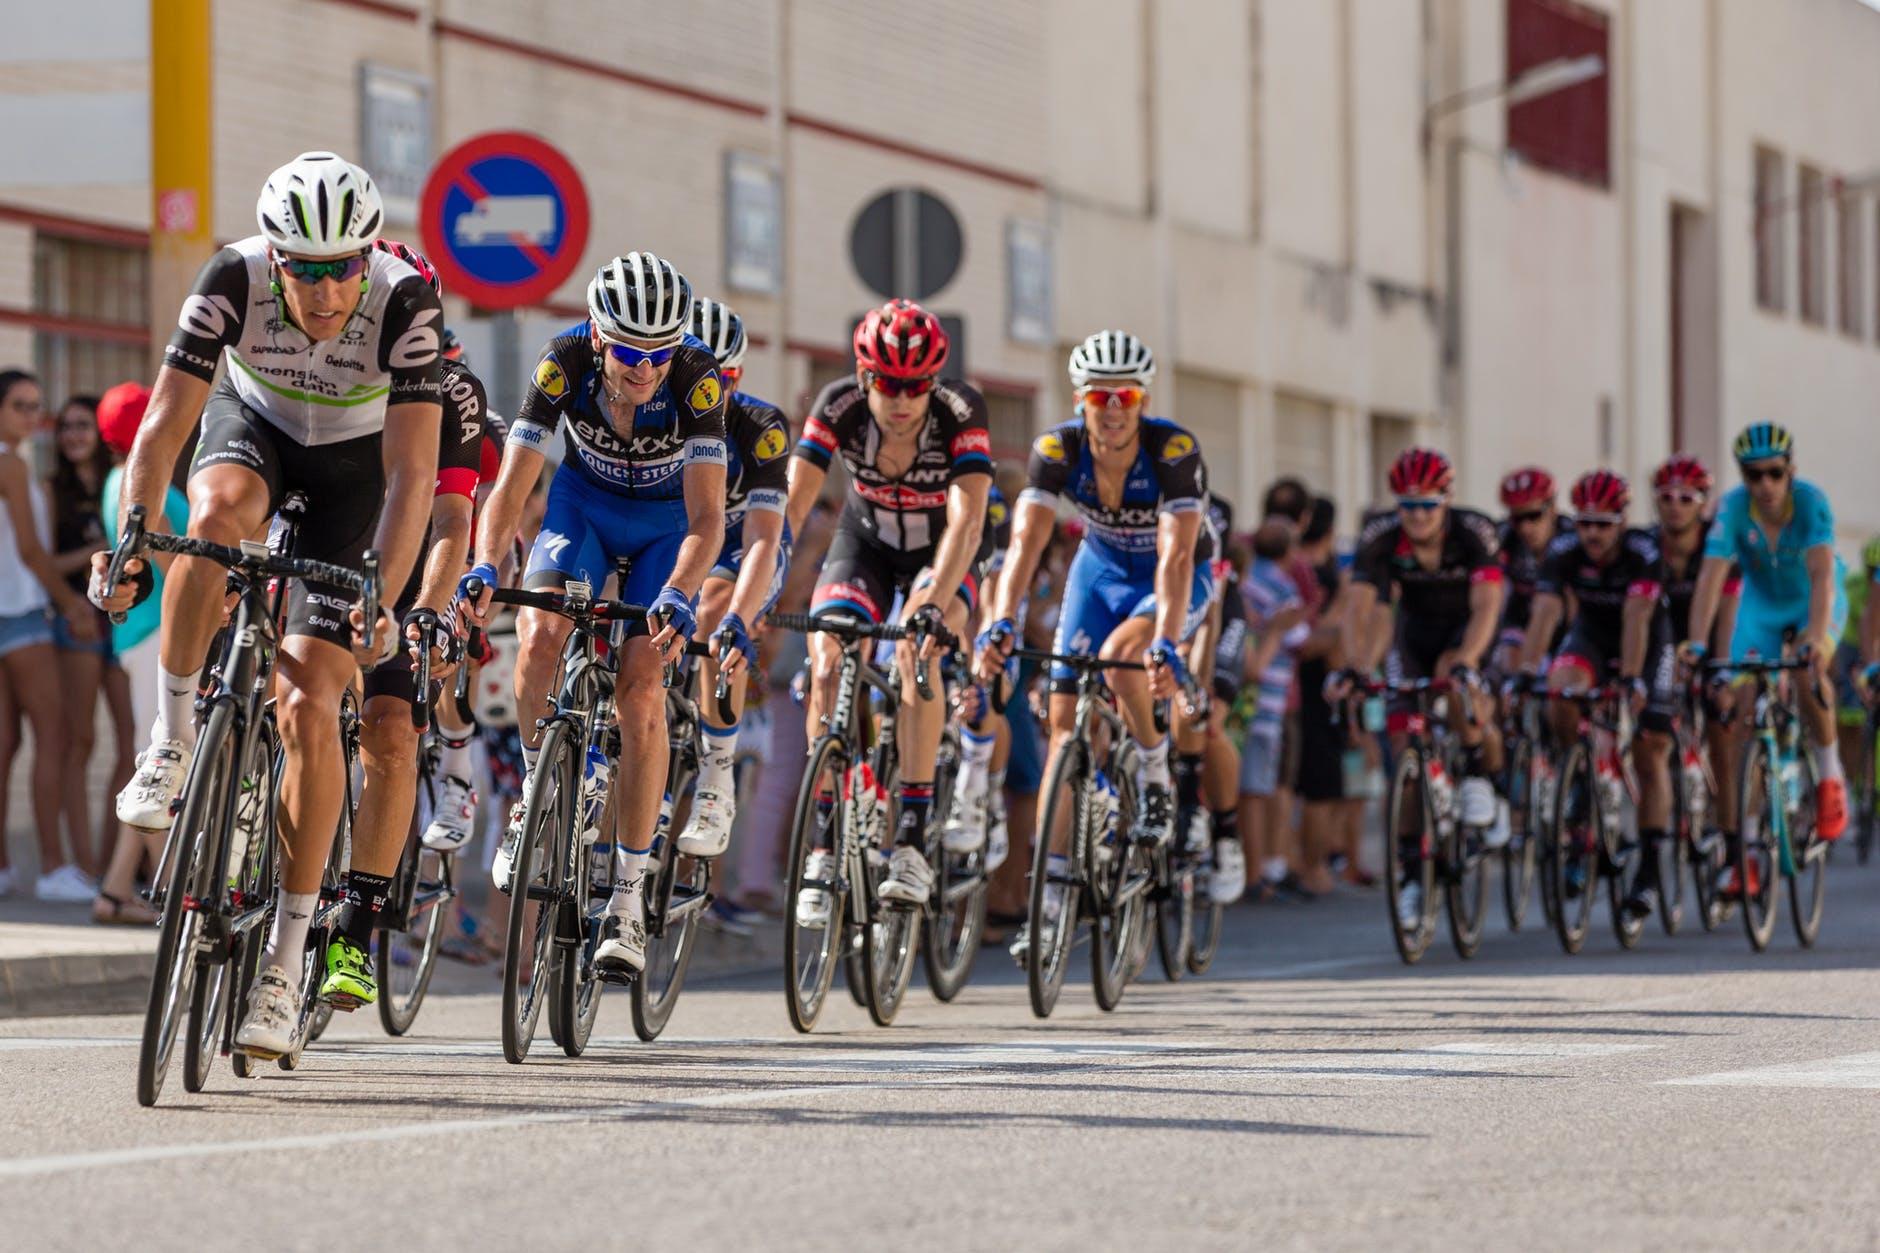 Top 10 Racing Bicycles